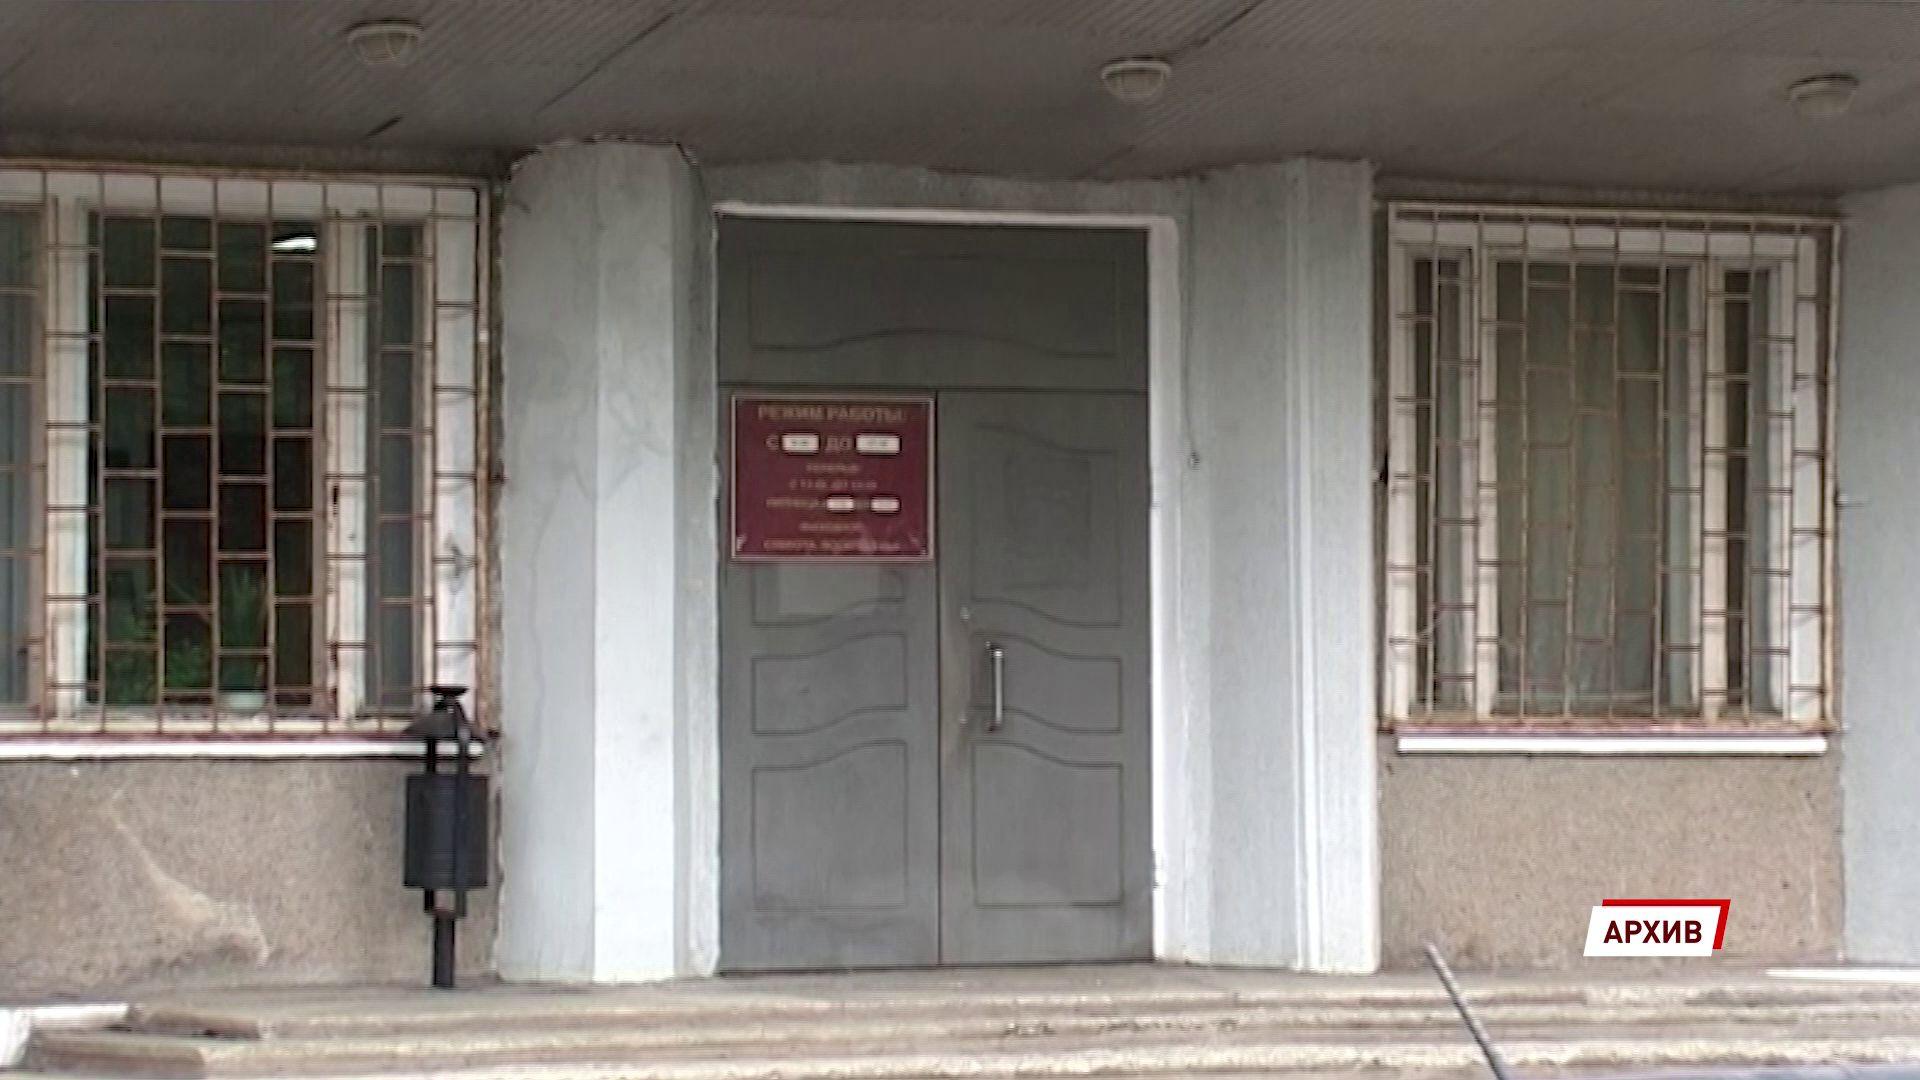 В Рыбинске вынесен приговор по делу о мошенничестве в сфере туризма